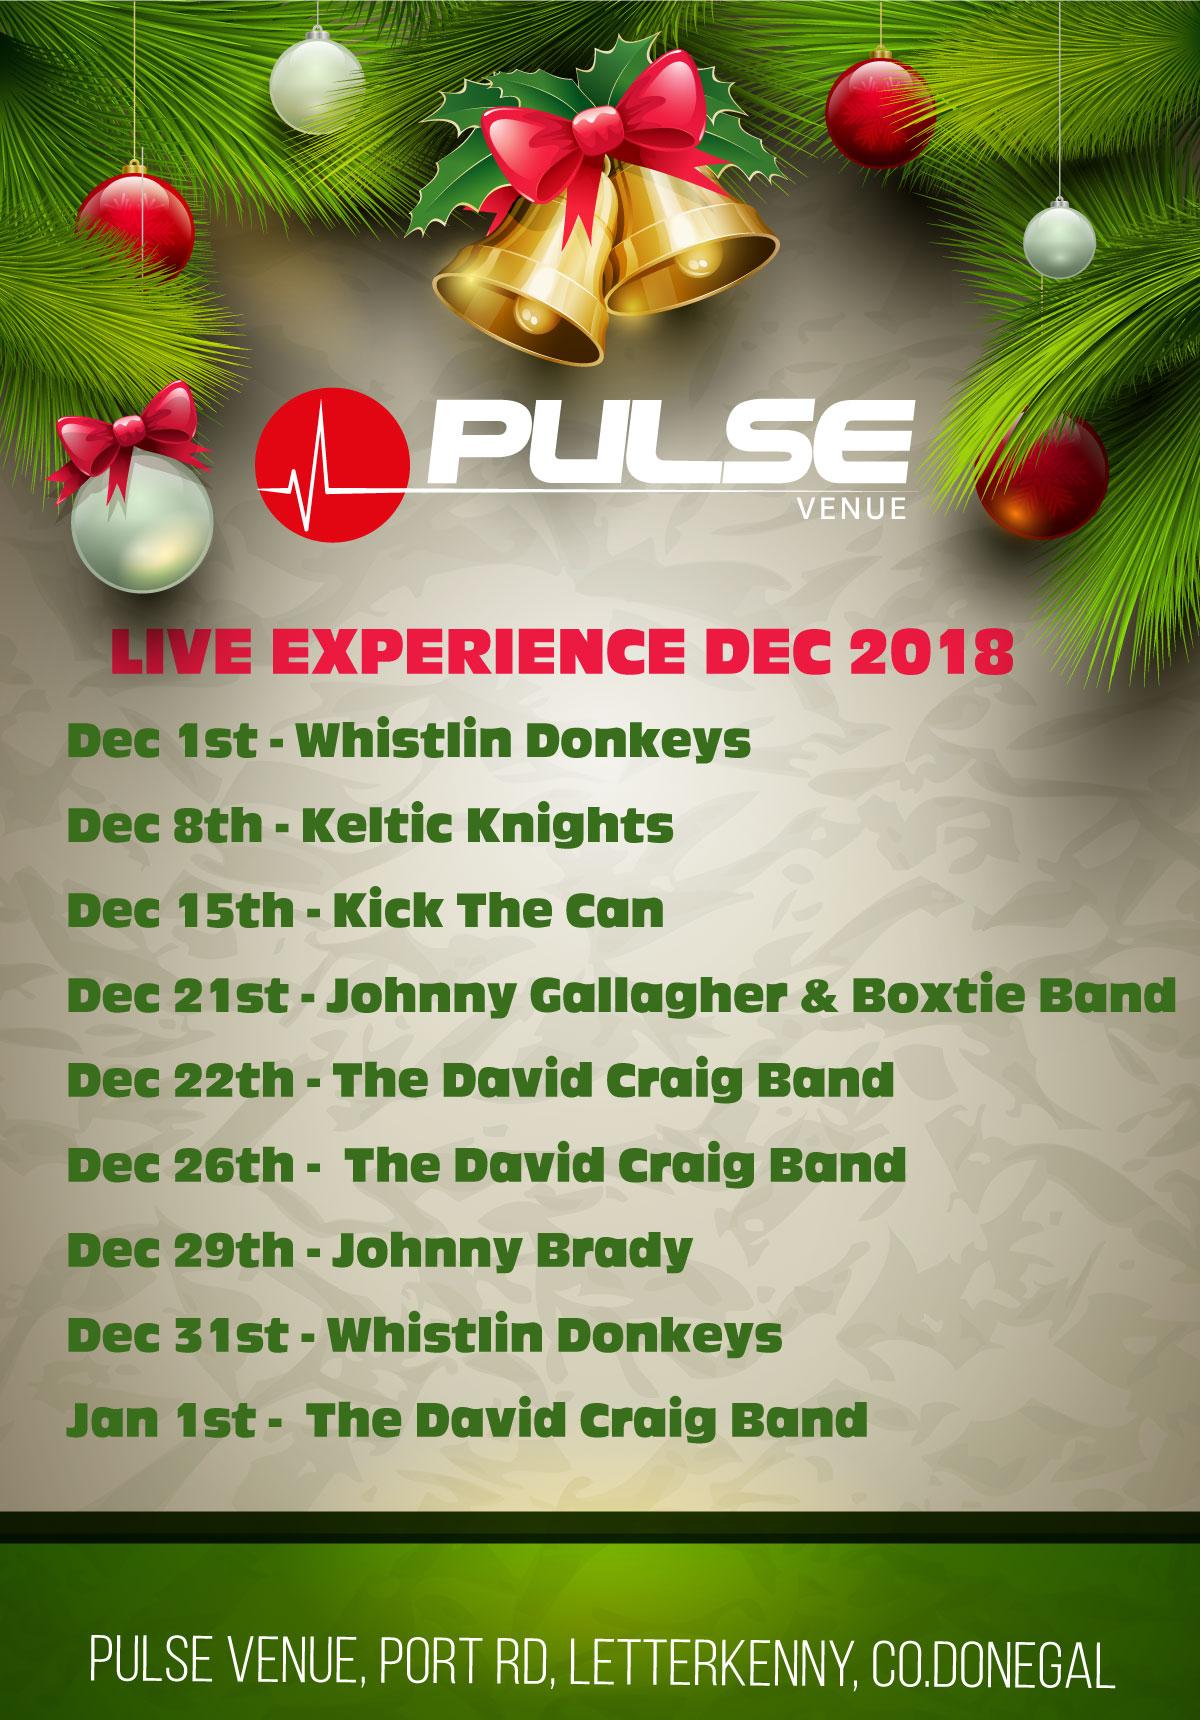 PULSE-VENUE-live-bands-dec-2018.jpg